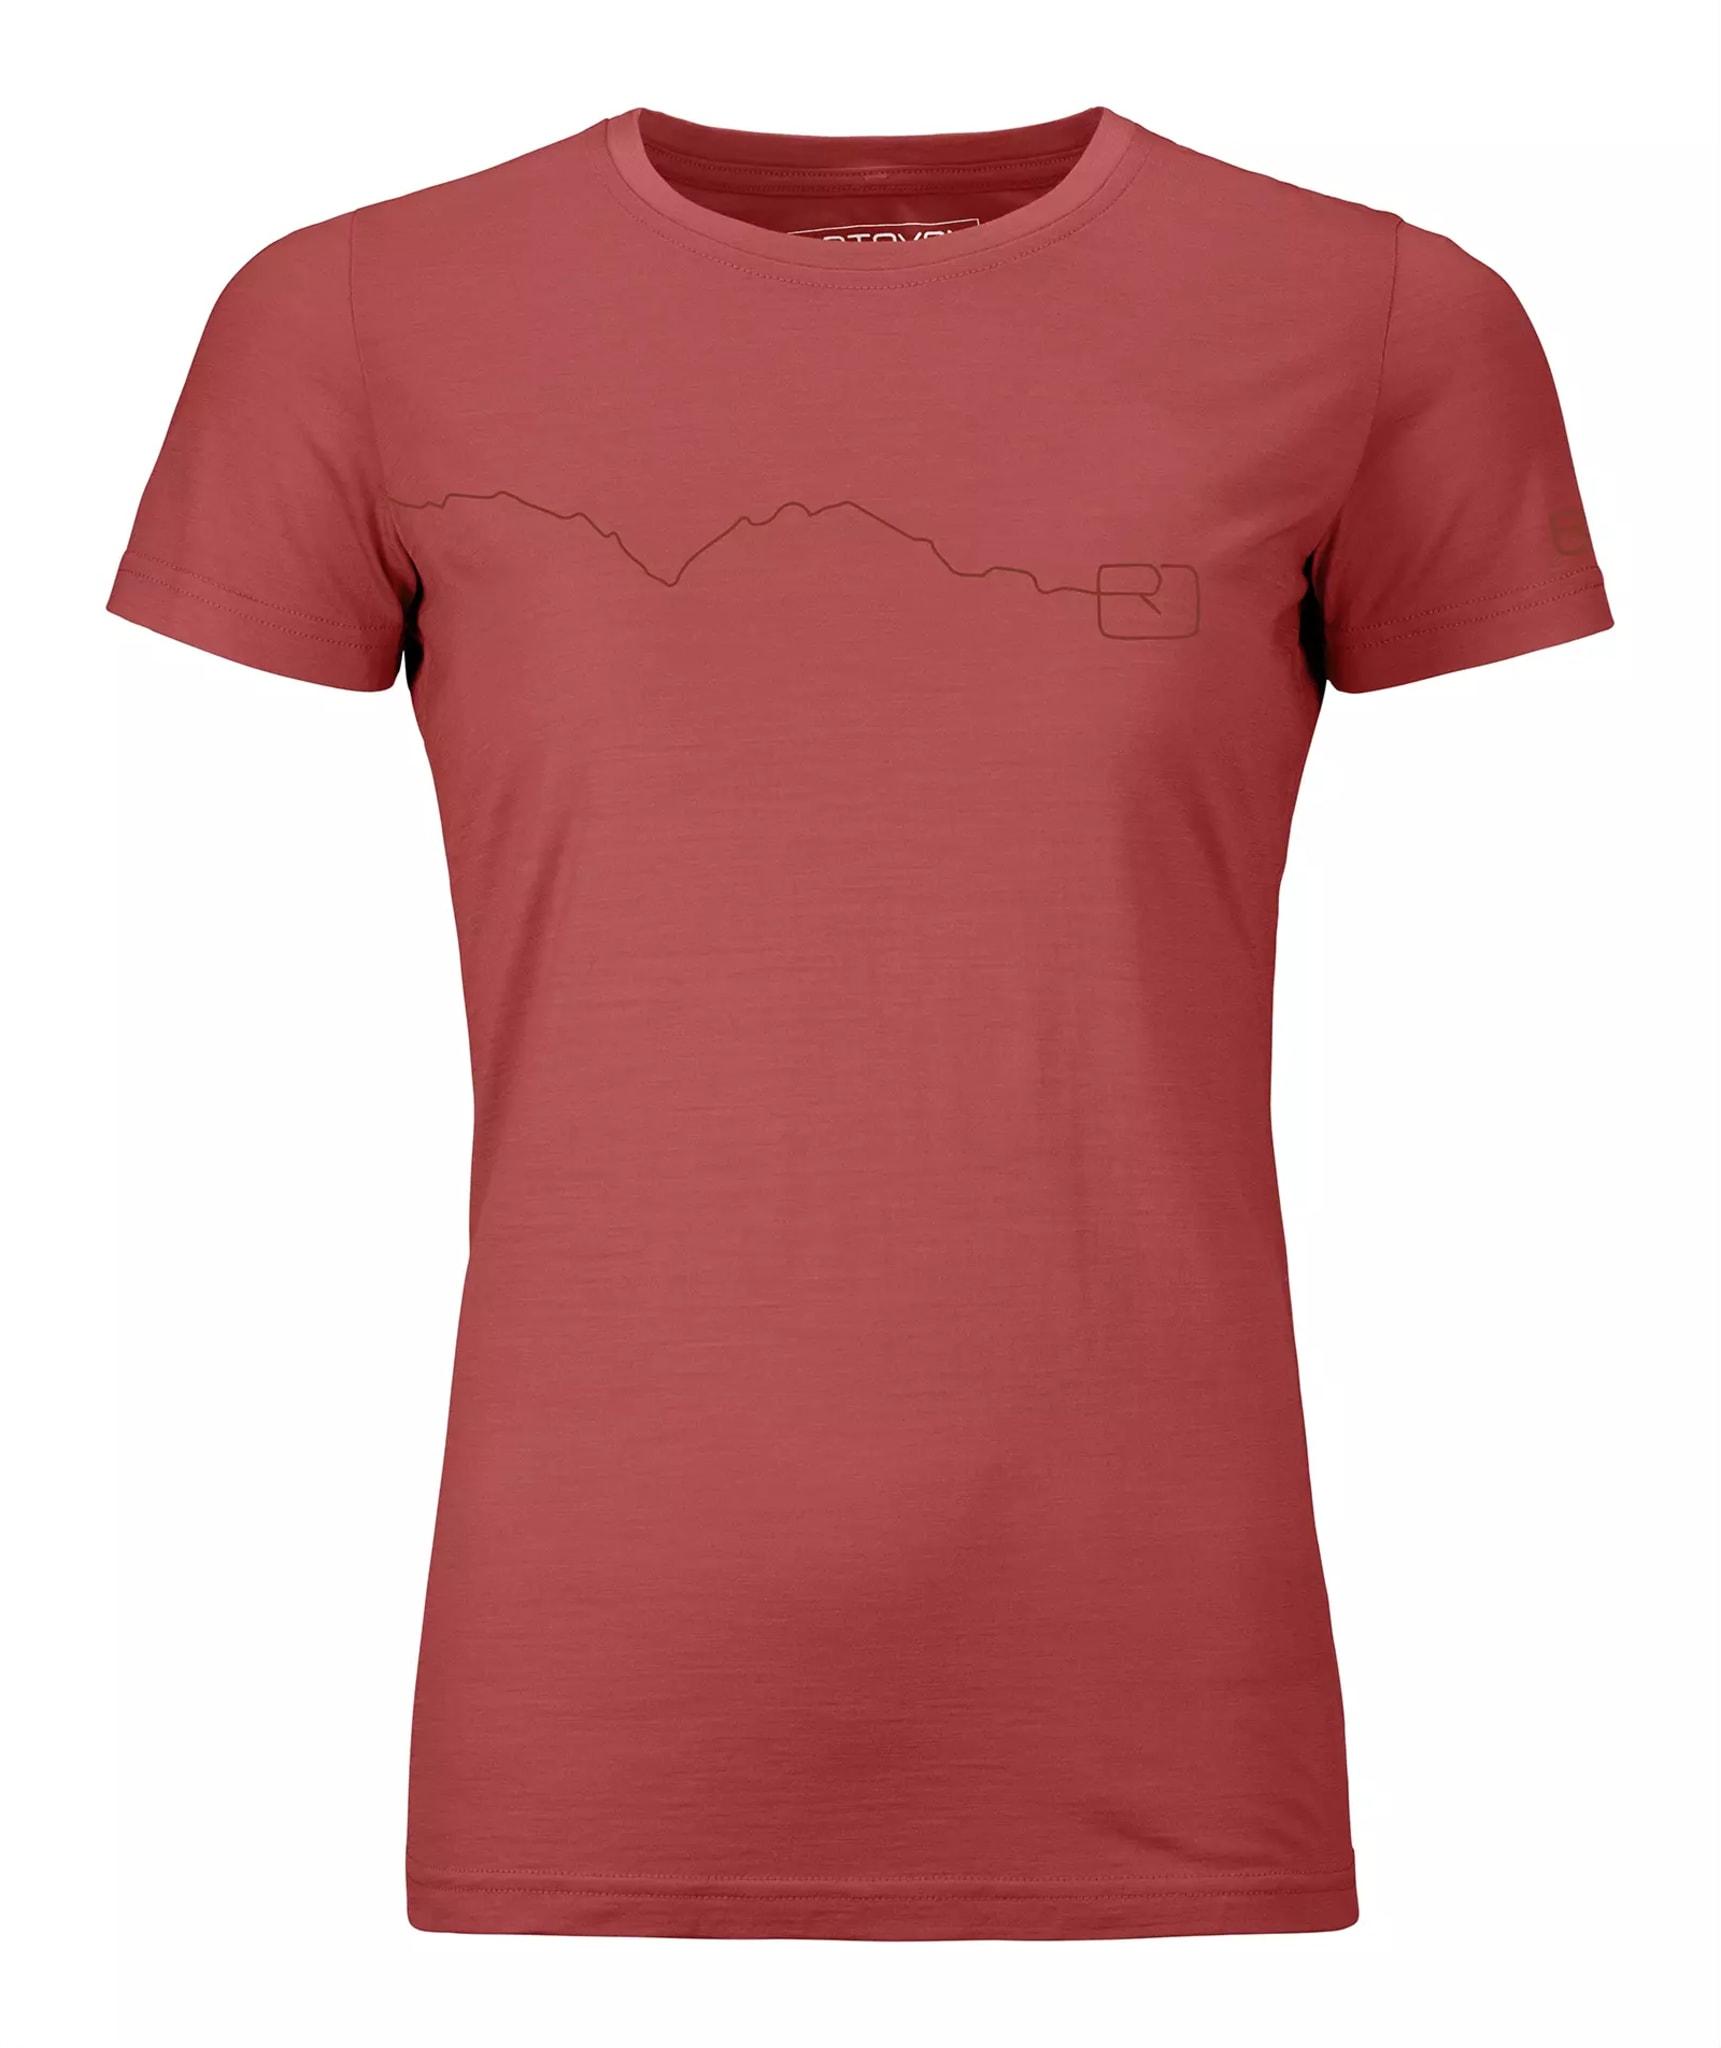 120 Tec Mountain T-Shirt Ws